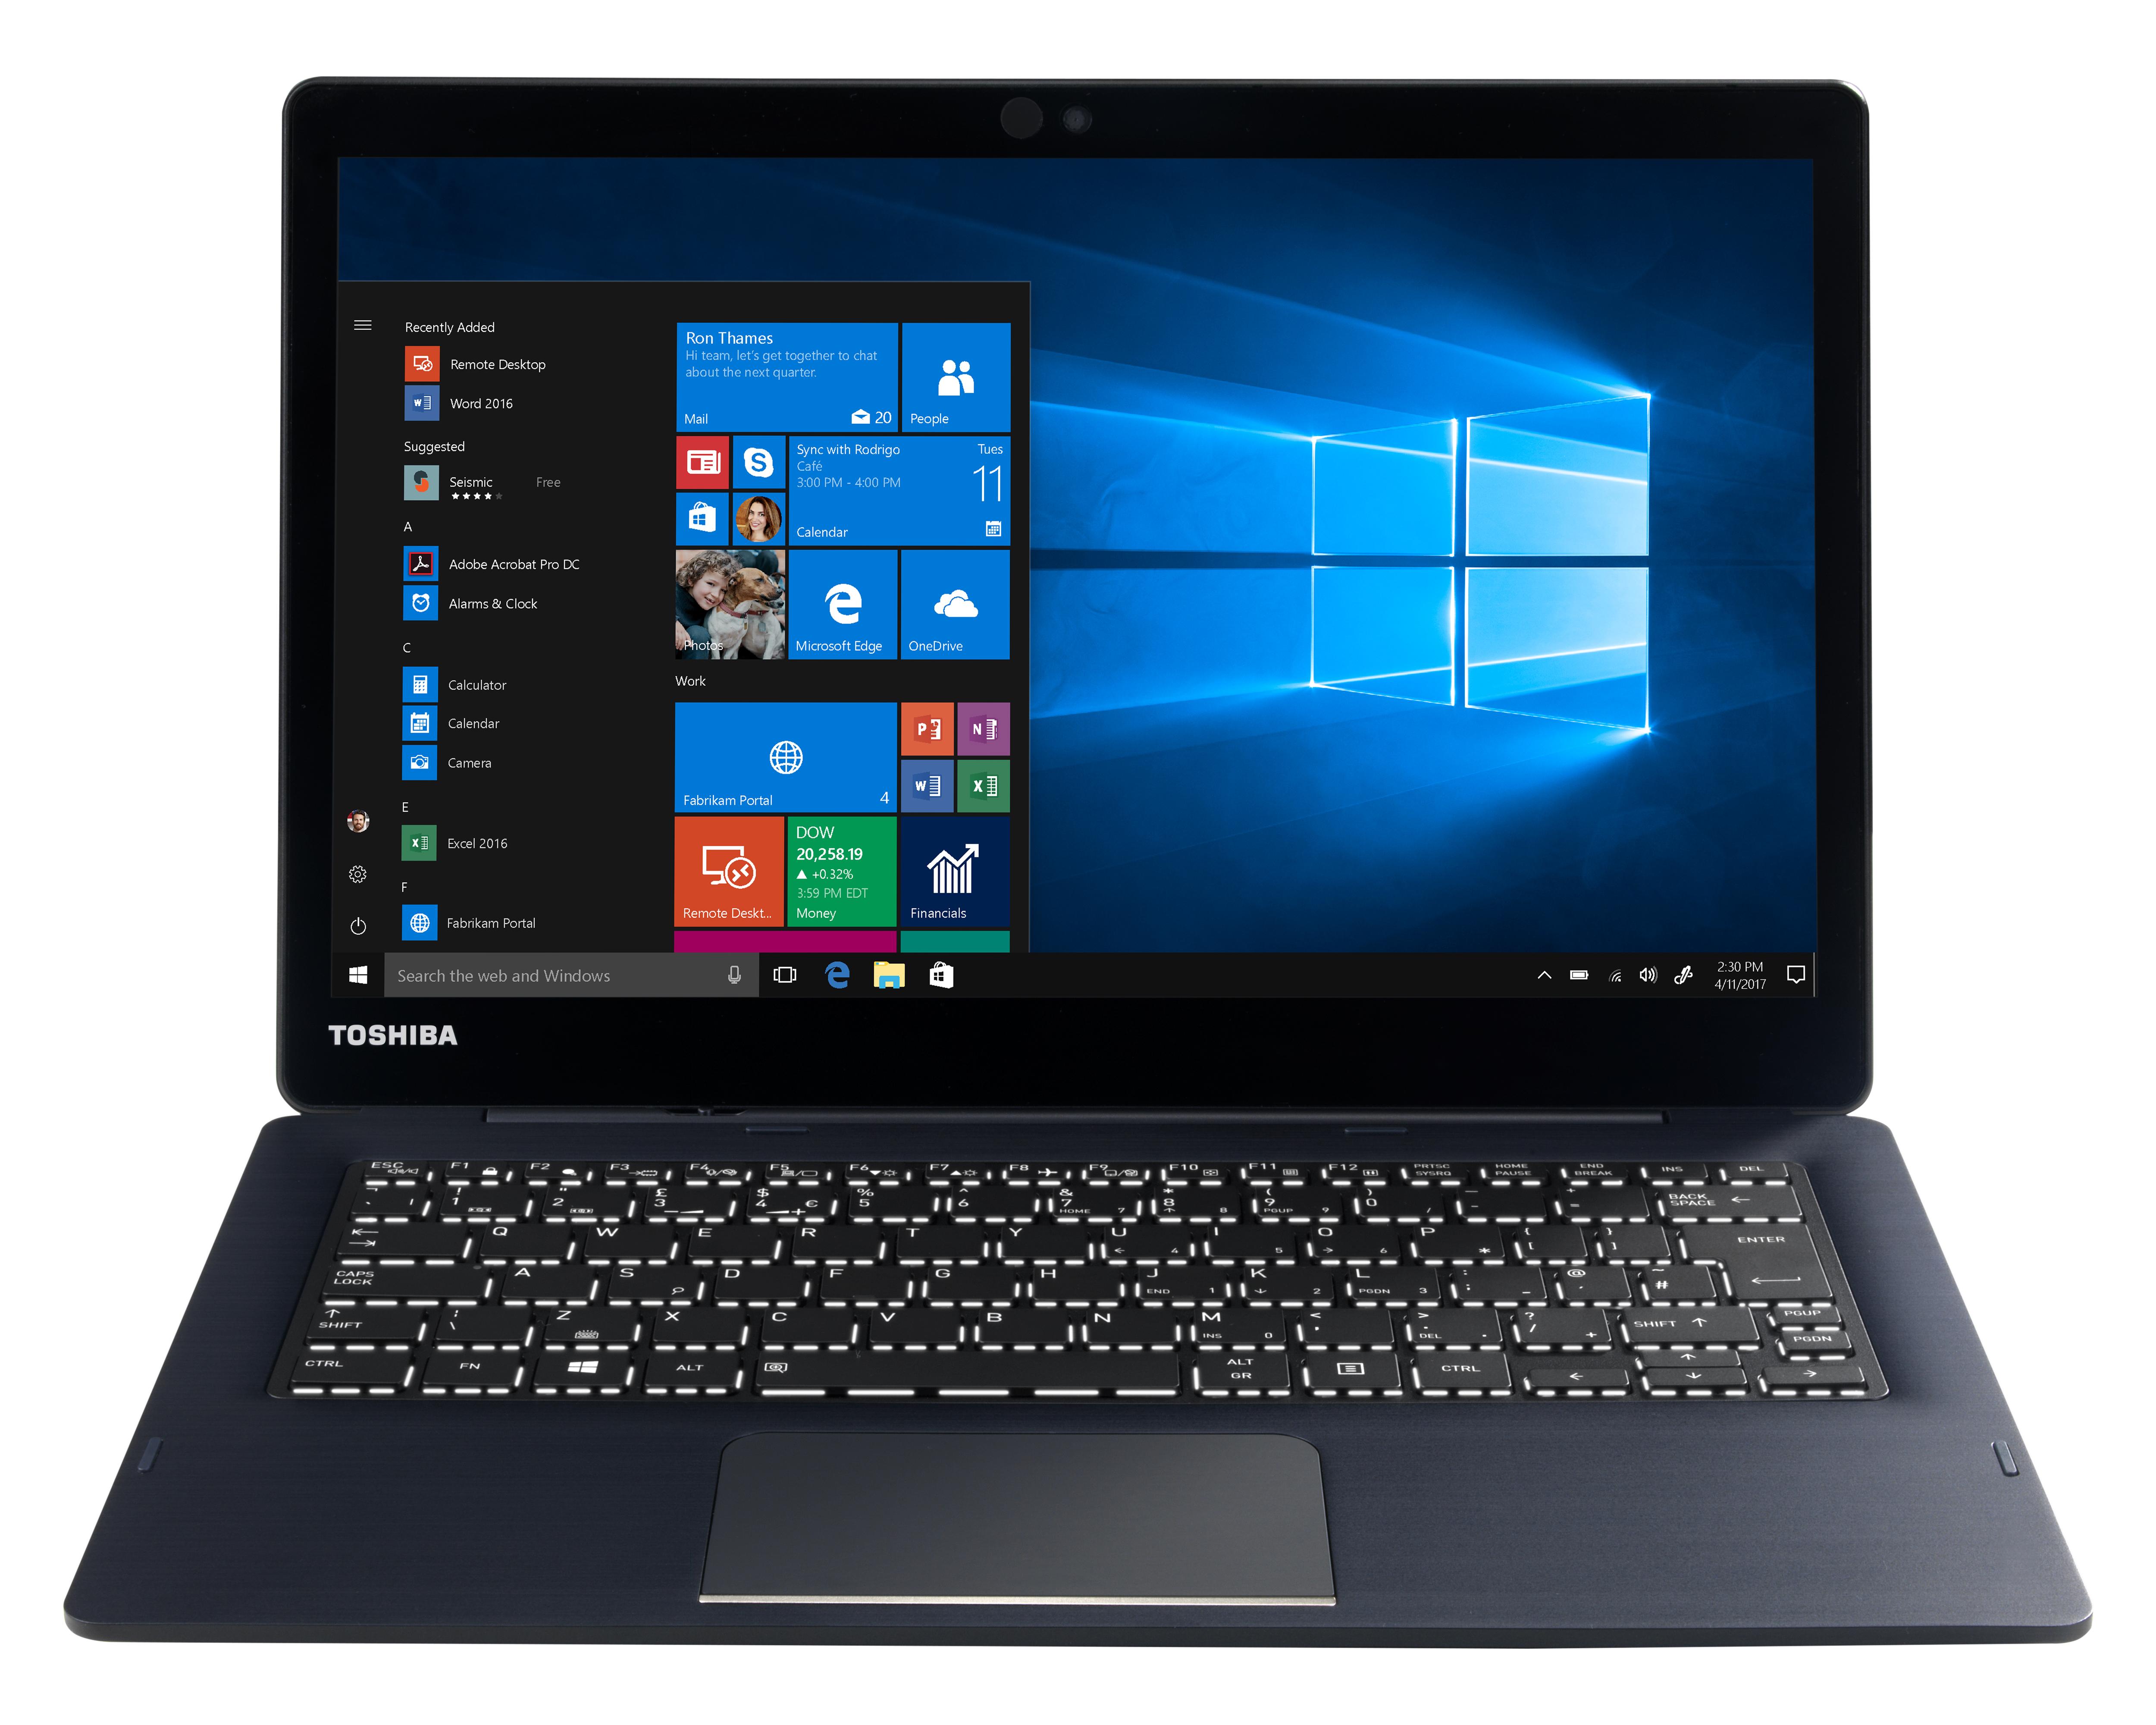 Mehr Sicherheit: dynabook gibt Tipps zur effizienten Umstellung auf Windows 10